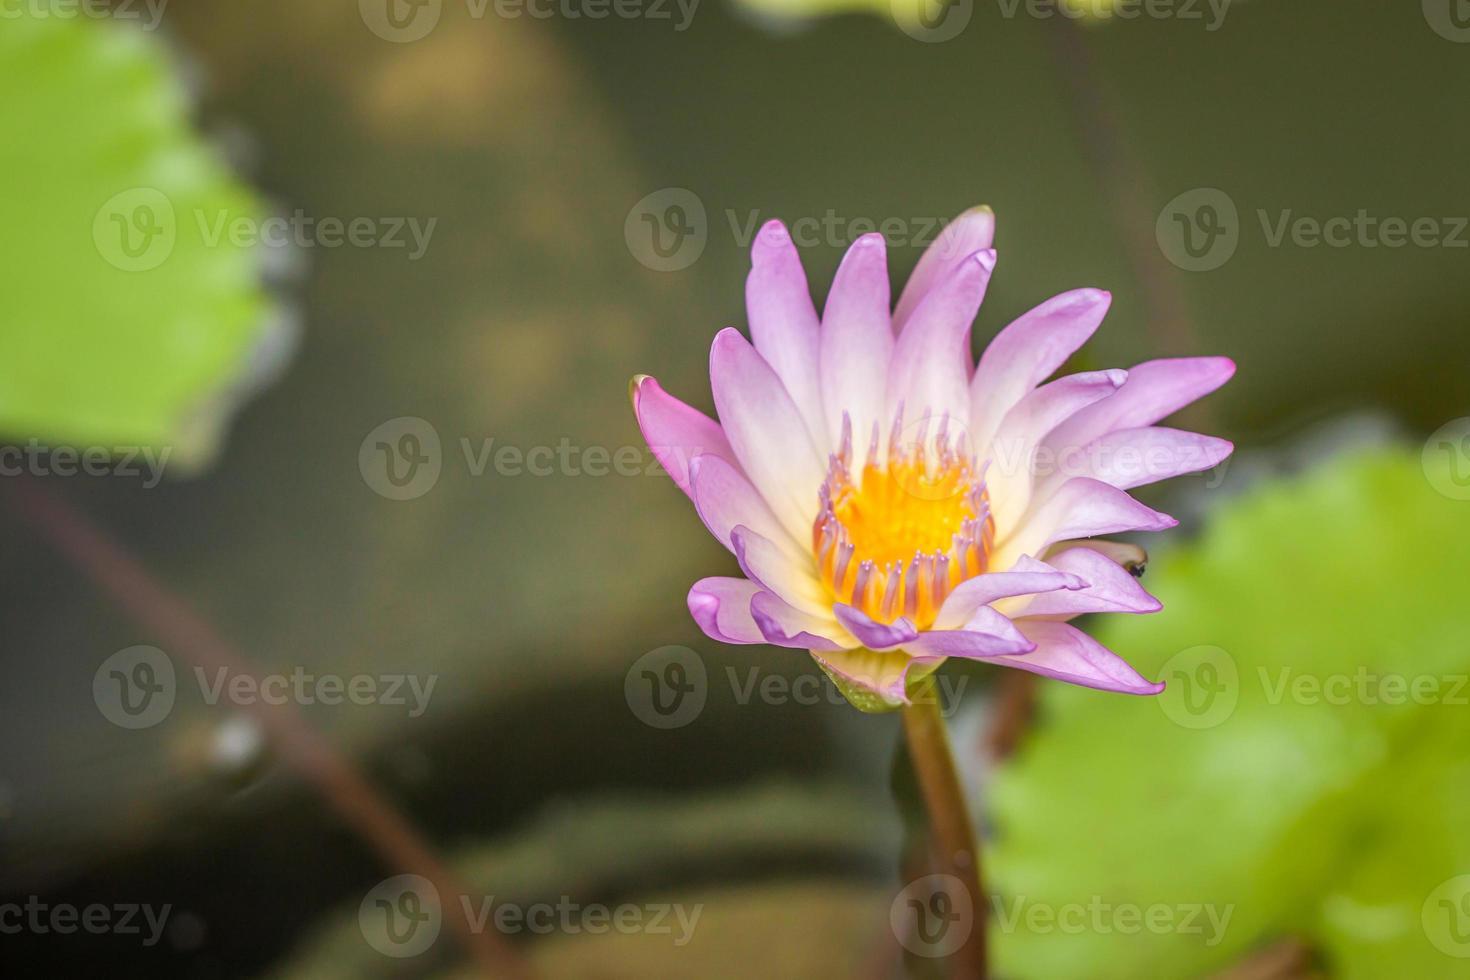 fiore di loto in chiangmai thailandia foto